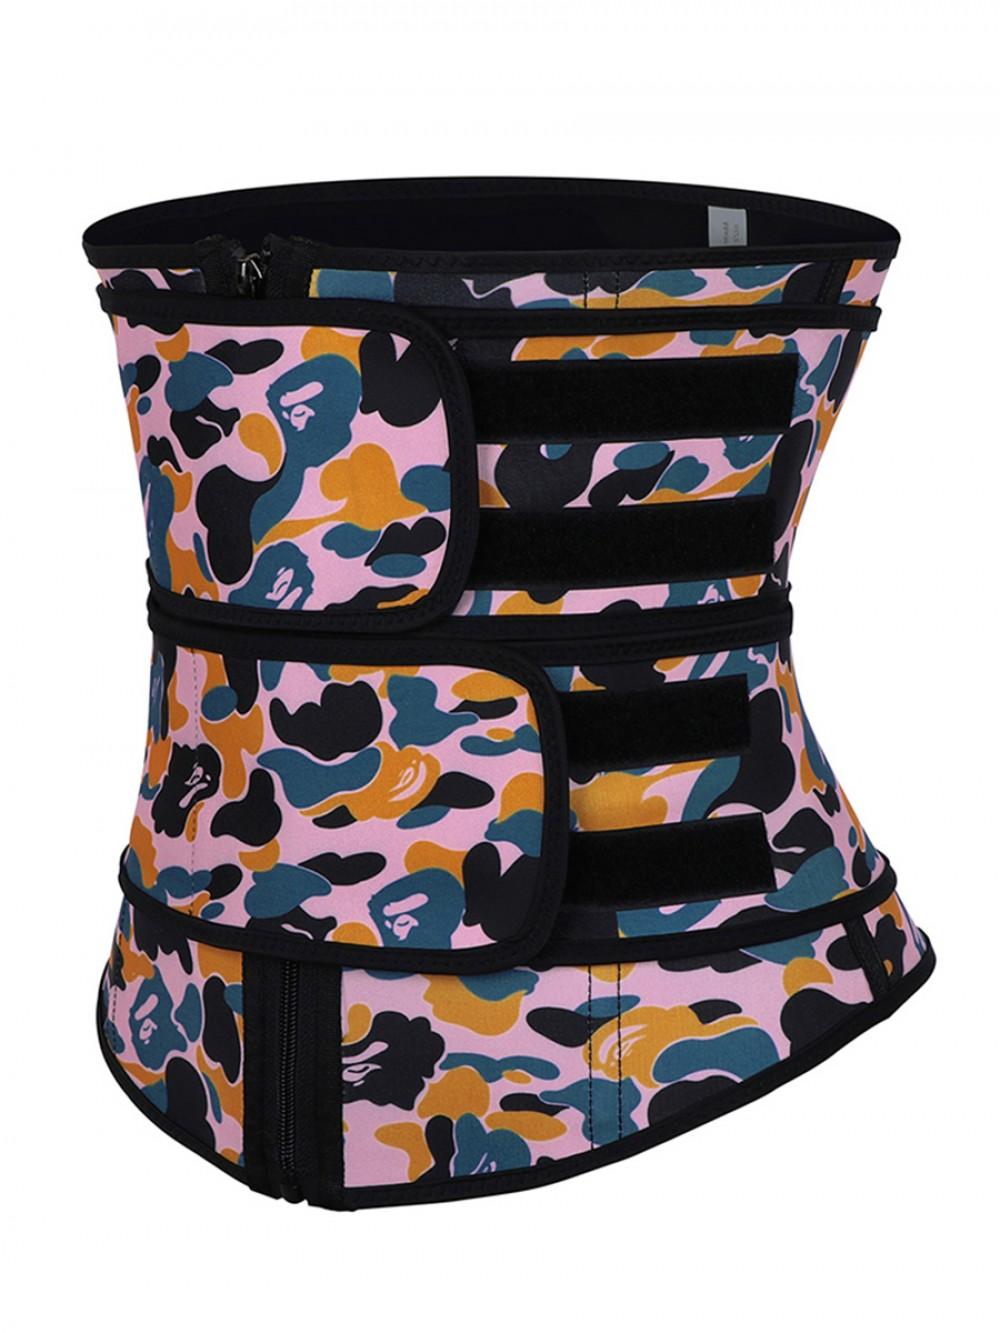 Lose Weight Sticker Latex Waist Cincher Double Belts Zipper Hourglass Figure